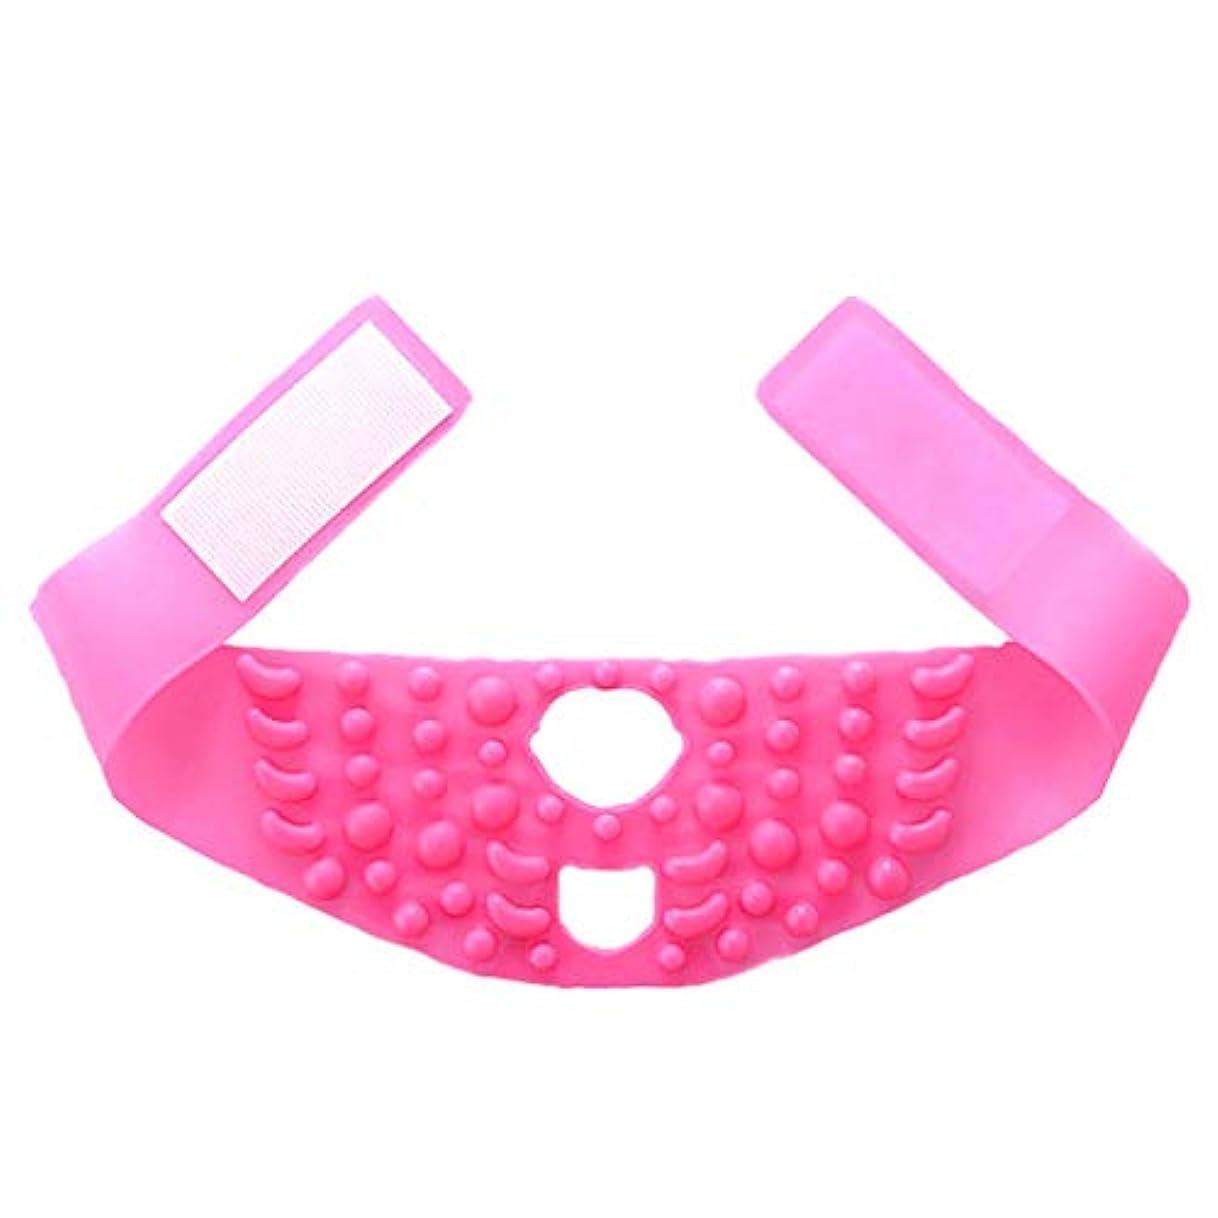 市の中心部注ぎます治療GLJJQMY 顔の持ち上がるマスクのあごのリボンのシリコーンVのマスクのマスク強力な包帯Vの表面の人工物小さいVの顔の包帯顔および首の持ち上がるピンクのシリコーンの包帯 顔用整形マスク